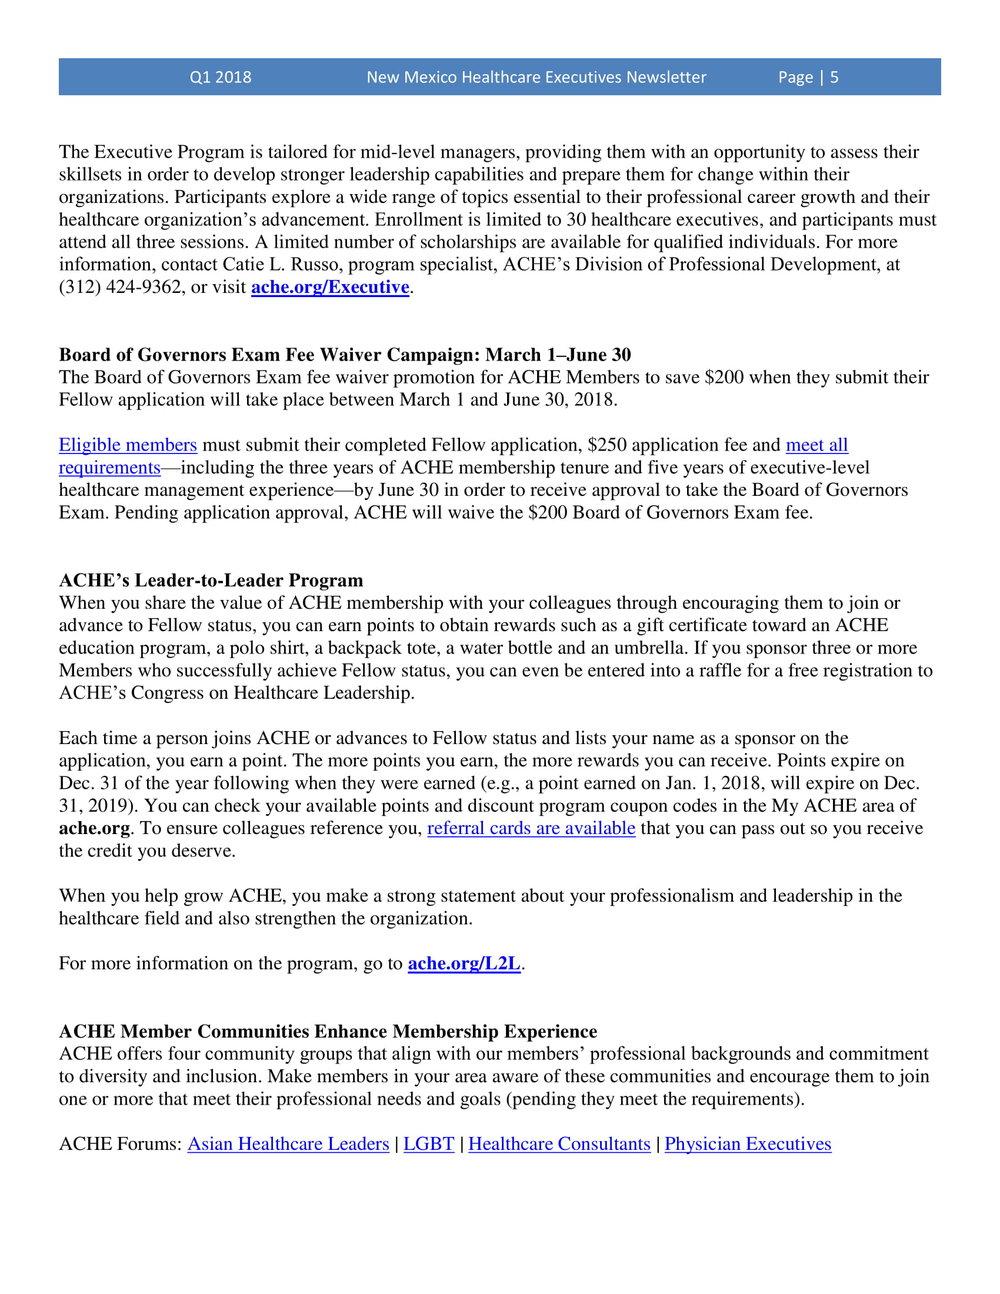 NMHE Newsletter Q1 2018-5.jpg